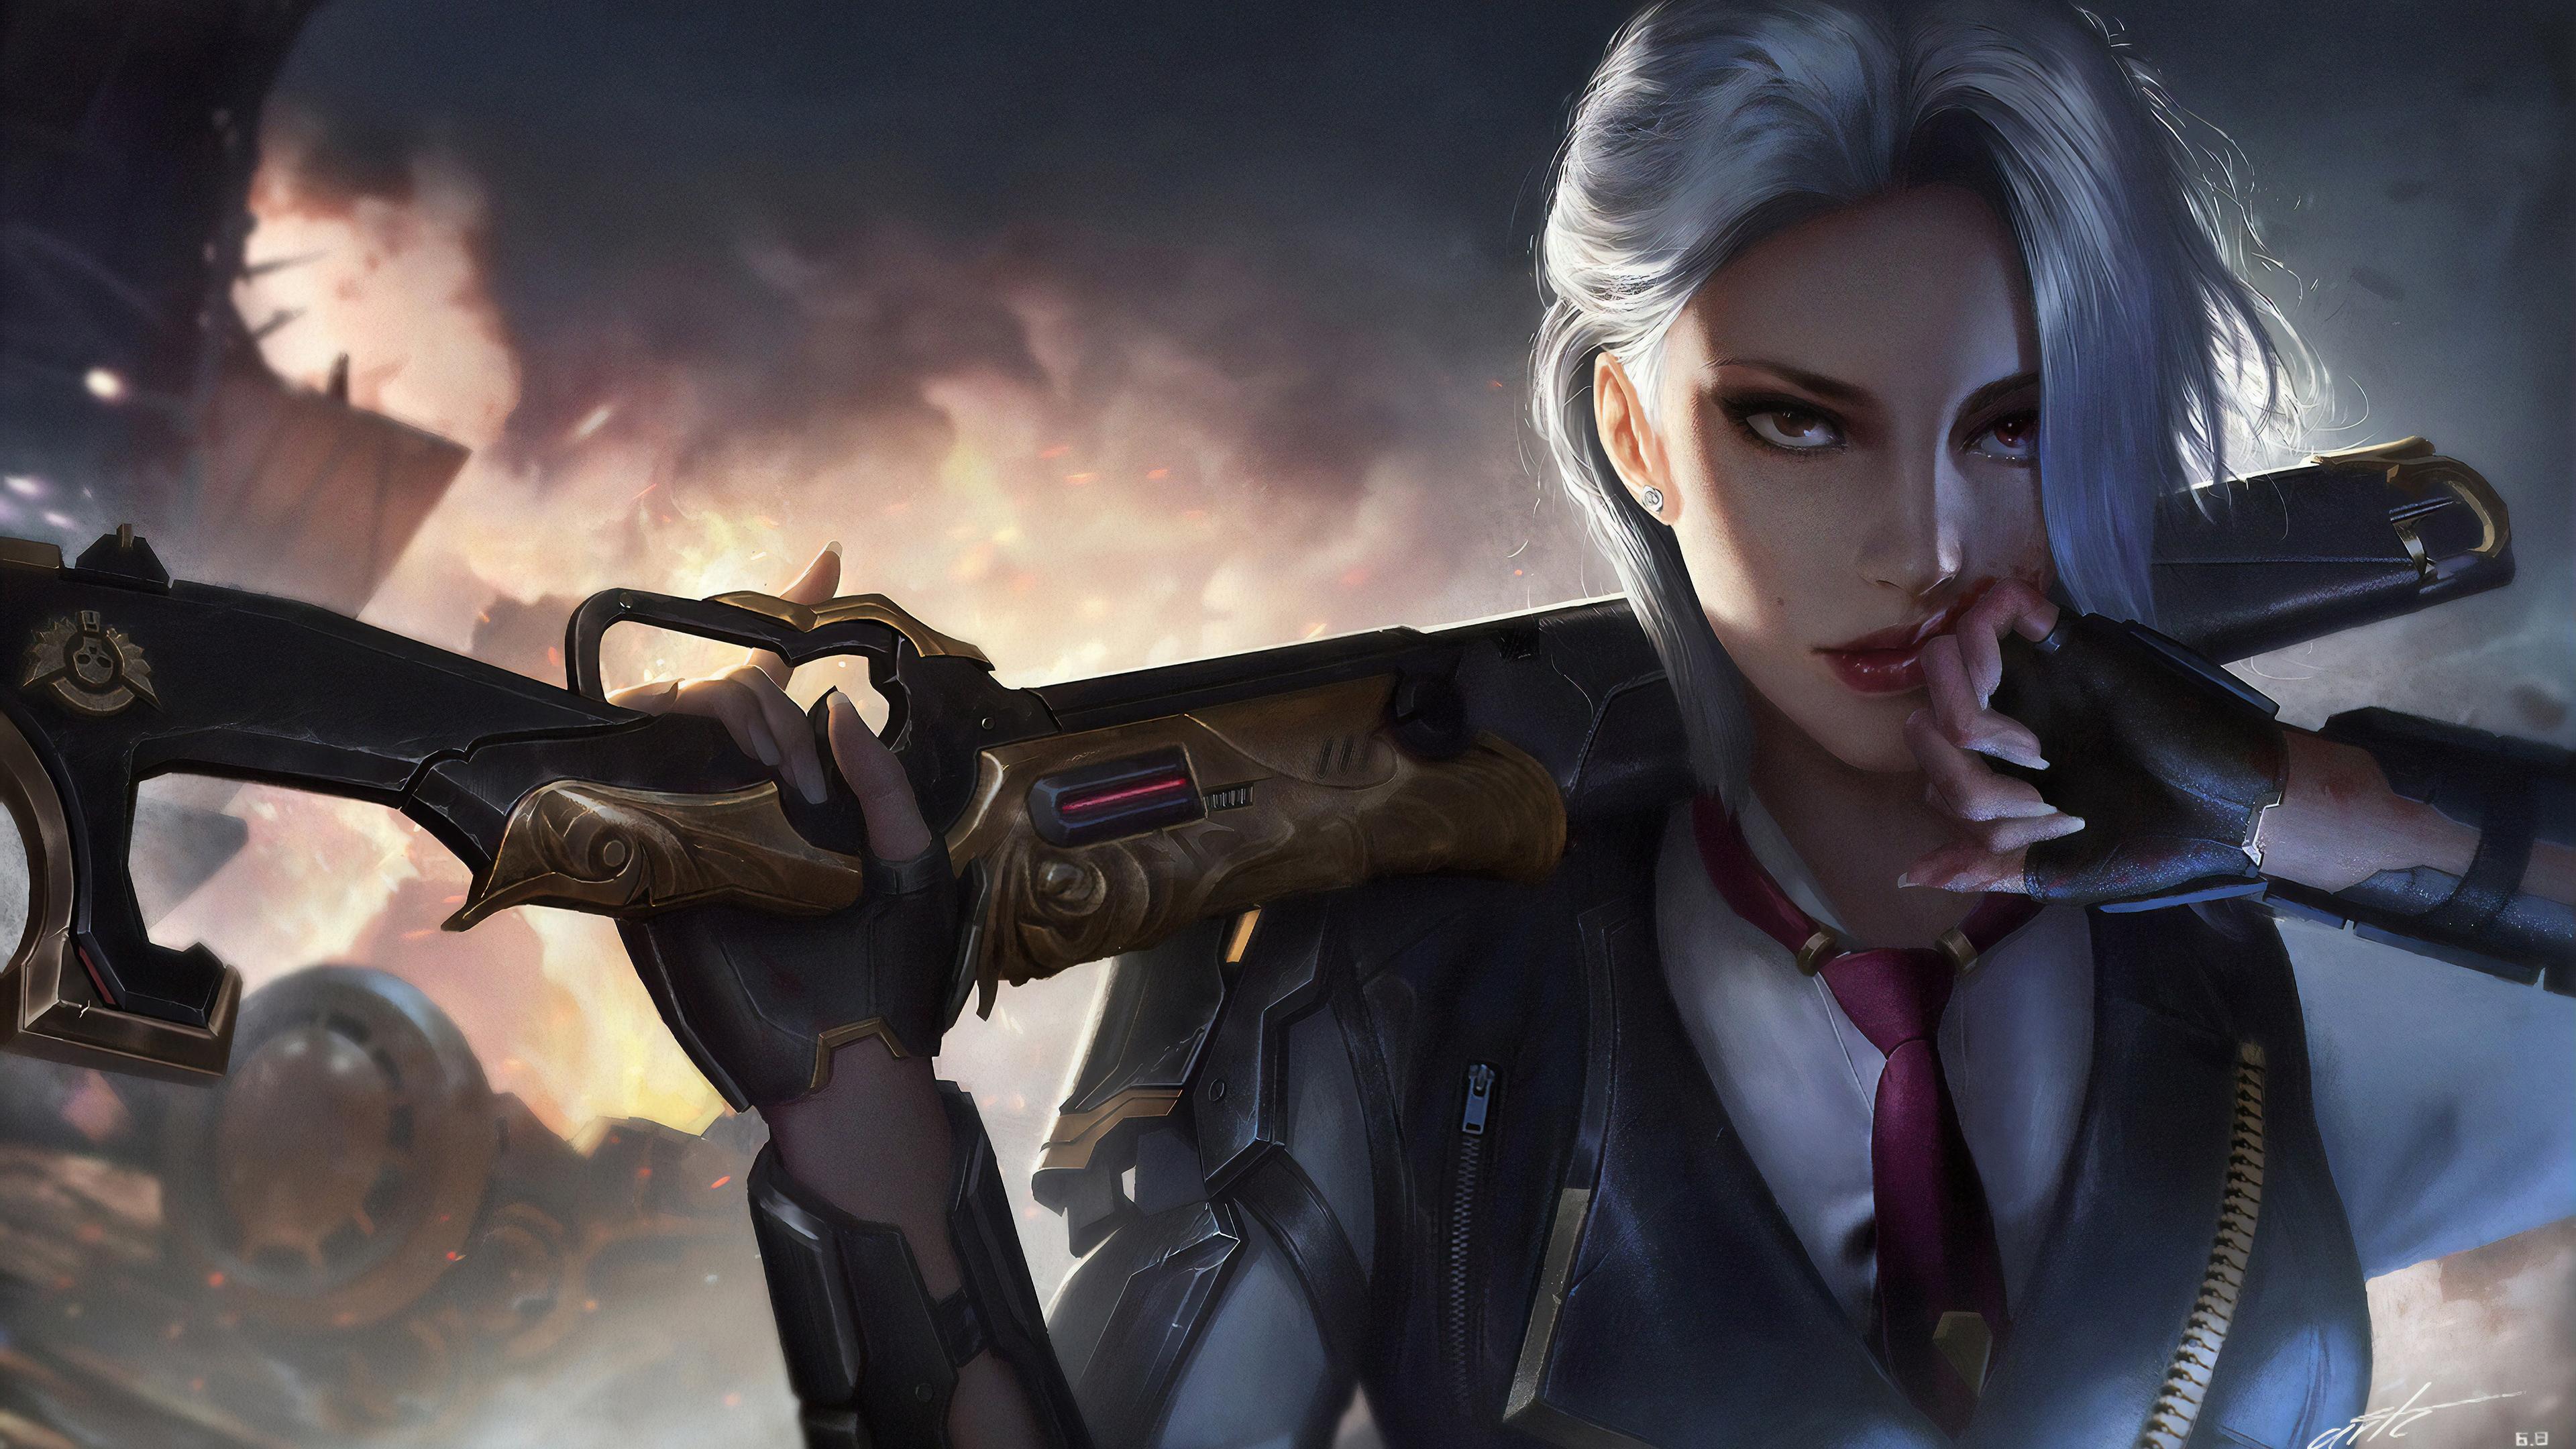 Ashe Overwatch Desktop Wallpaper - doraemon